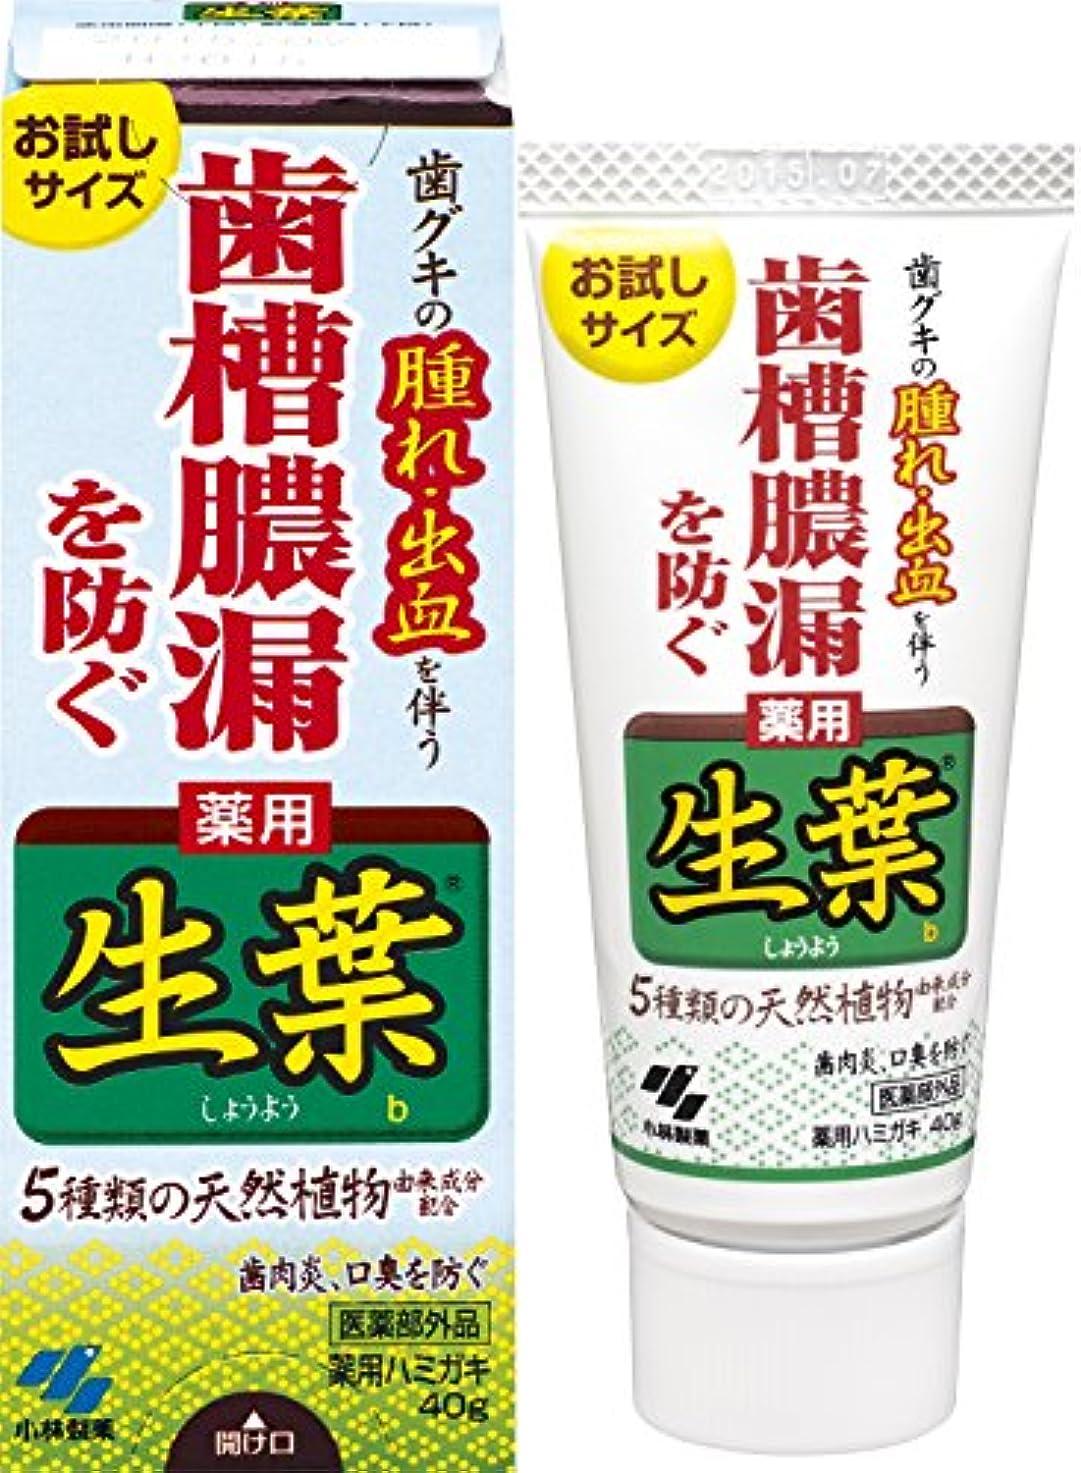 カーペットケーブル上院生葉(しょうよう)お試しサイズ 歯槽膿漏を防ぐ 薬用ハミガキ ハーブミント味 40g 【医薬部外品】